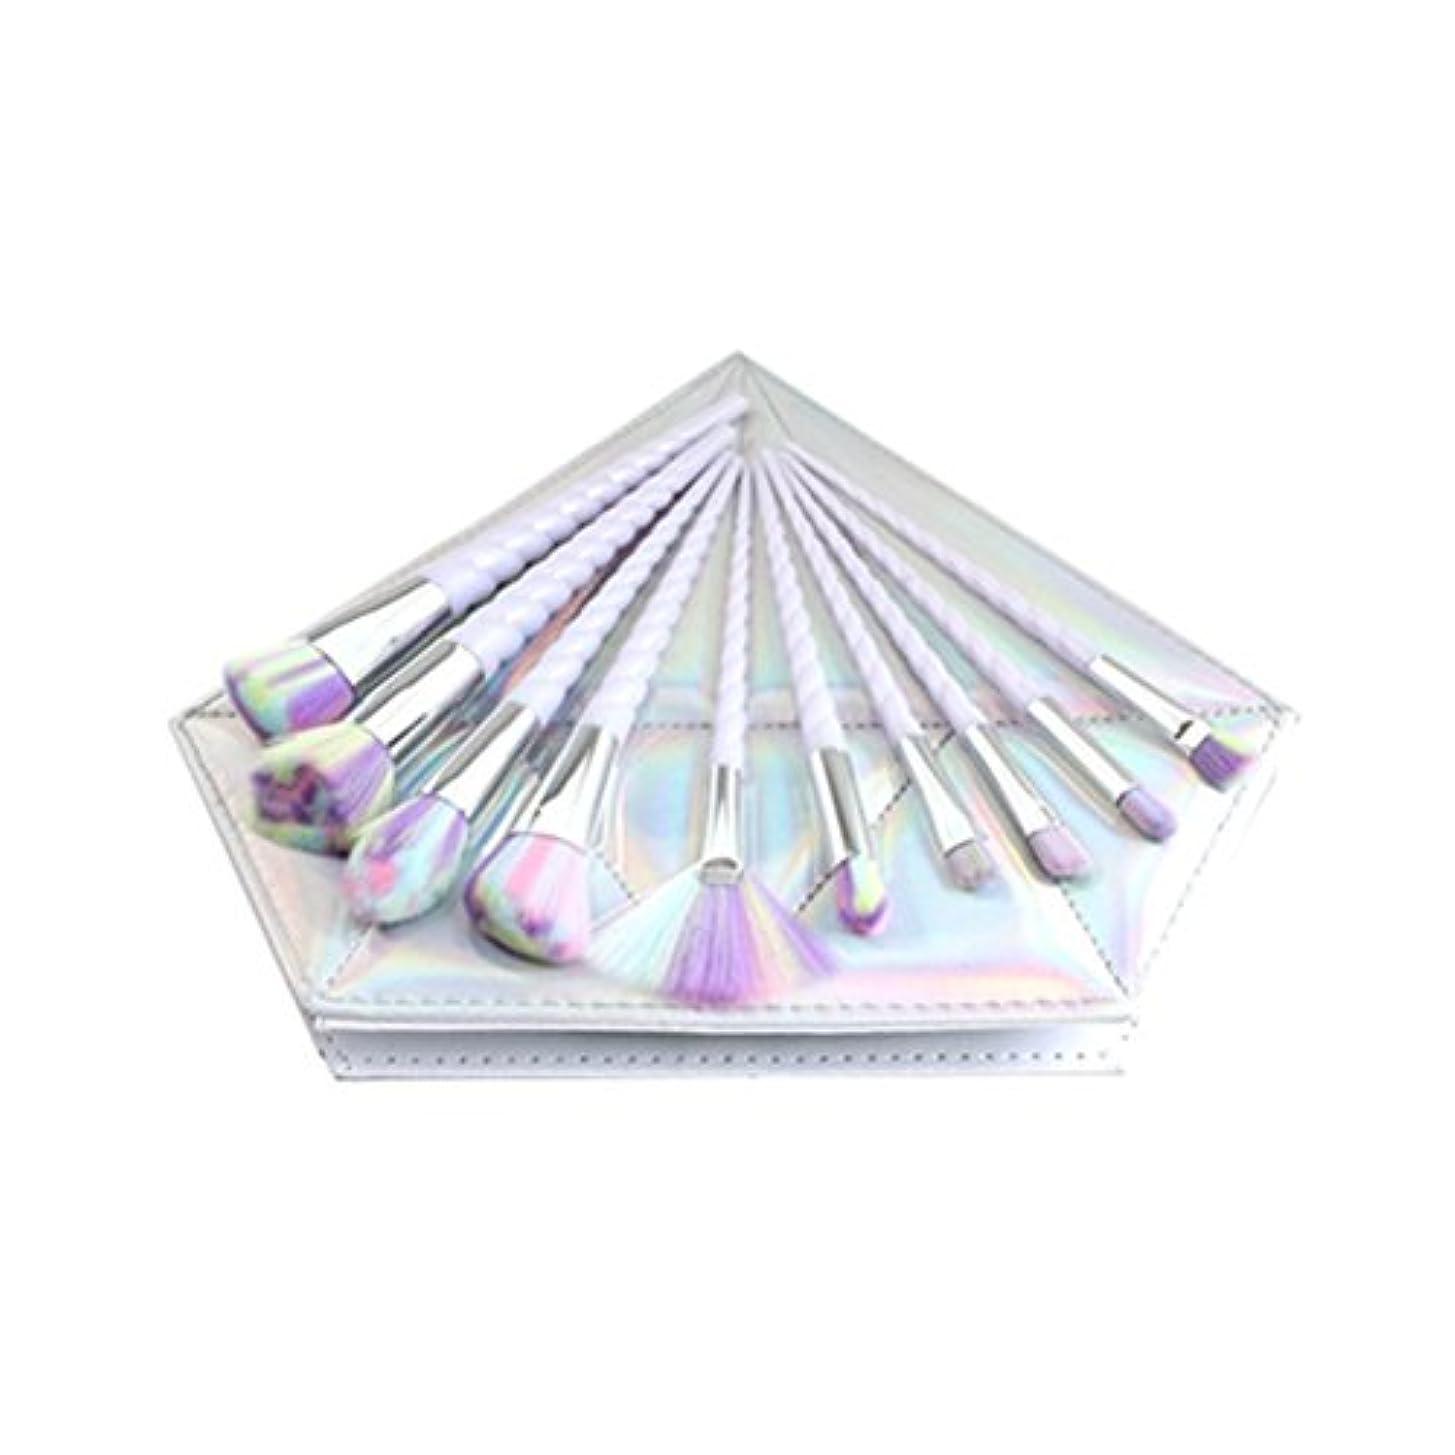 脊椎ホームレス細菌Dilla Beauty 10本セットユニコーンデザインプラスチックハンドル形状メイクブラシセット合成毛ファンデーションブラシアイシャドーブラッシャー美容ツール美しい化粧品のバッグを送る (白いハンドル - 多色の毛)